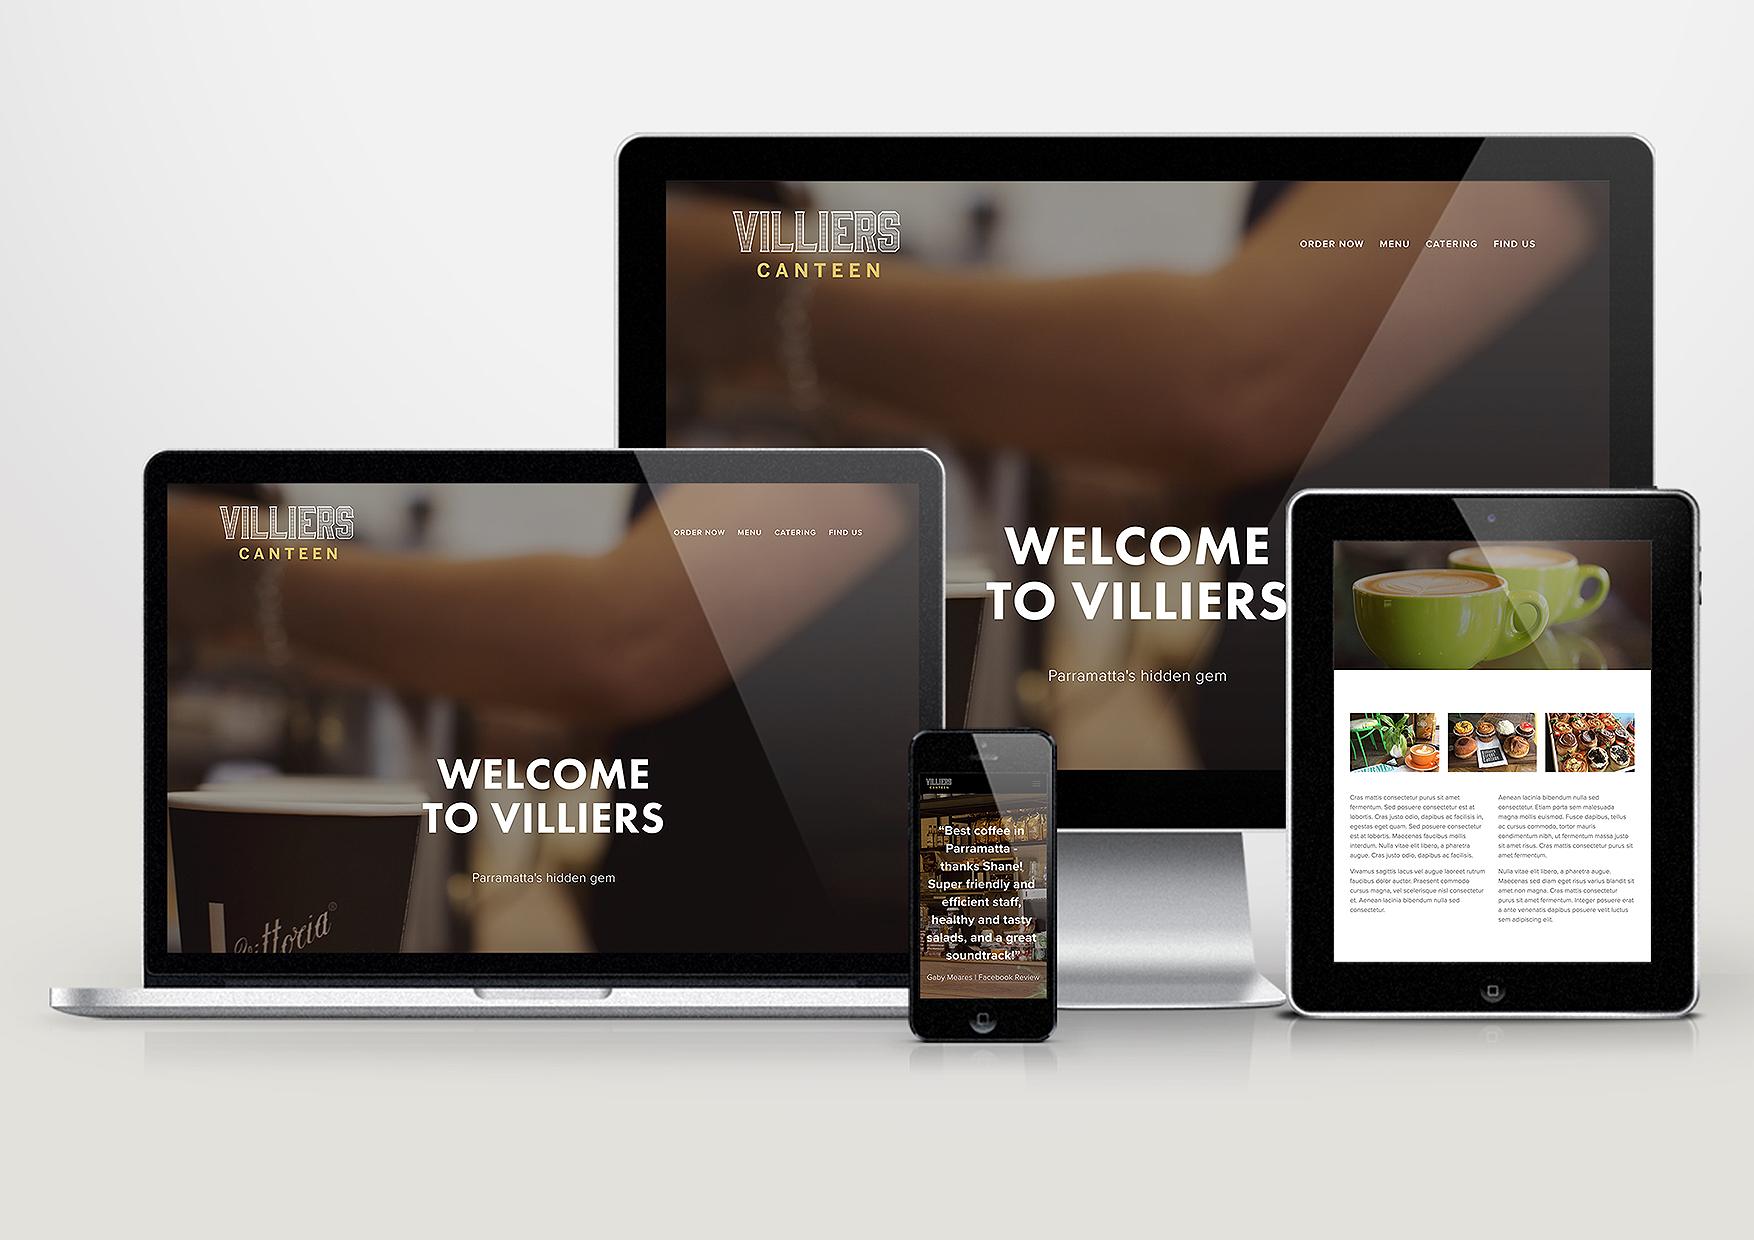 Villiers_Web.jpg